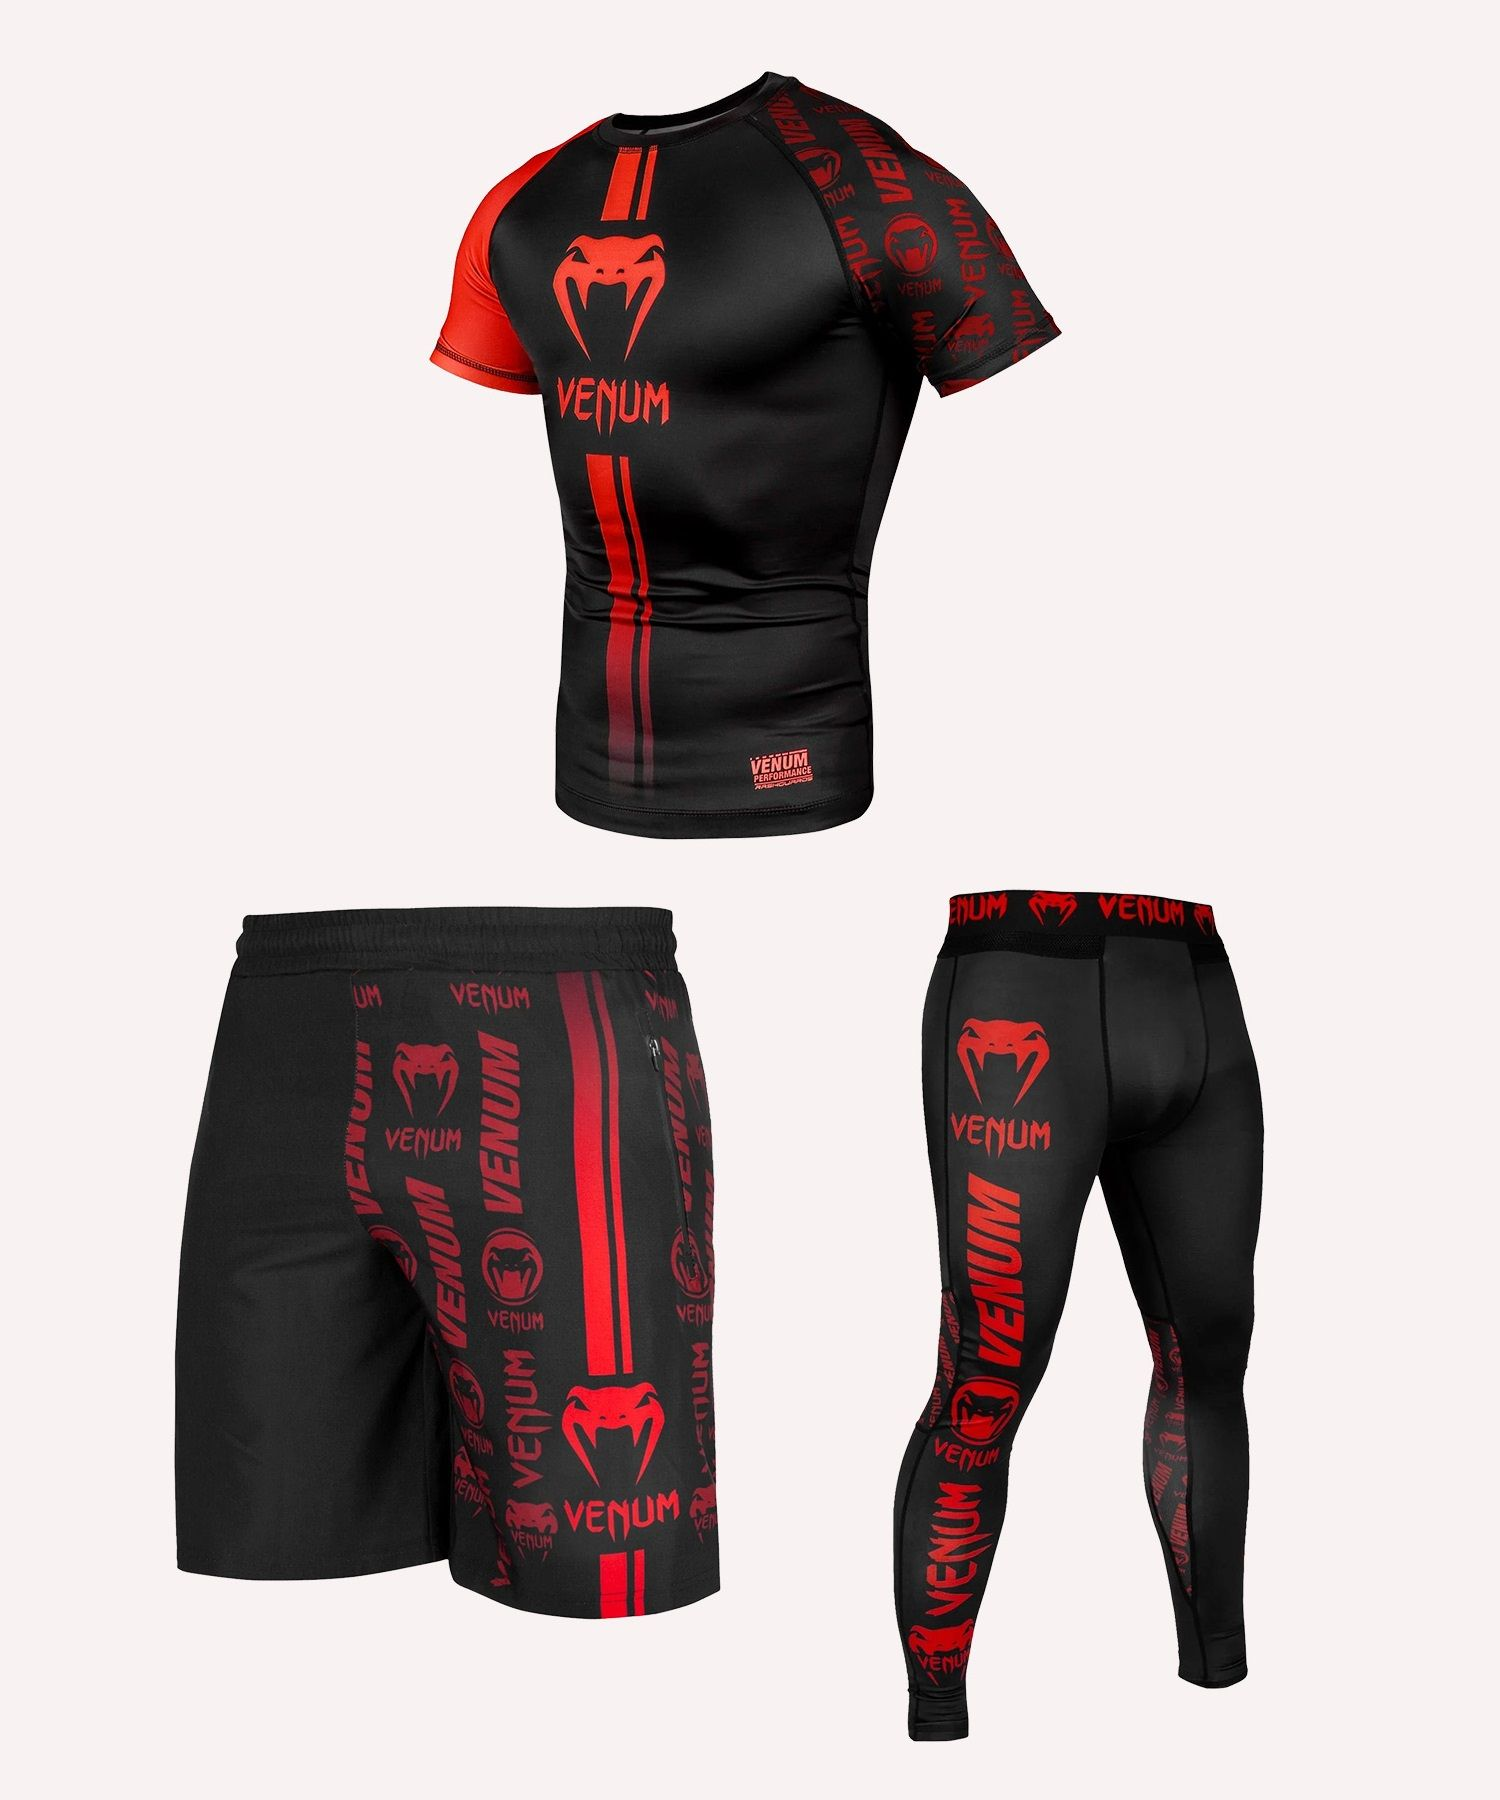 Venum Logos Black/Red ULTIMATE Pack - Short sleeves